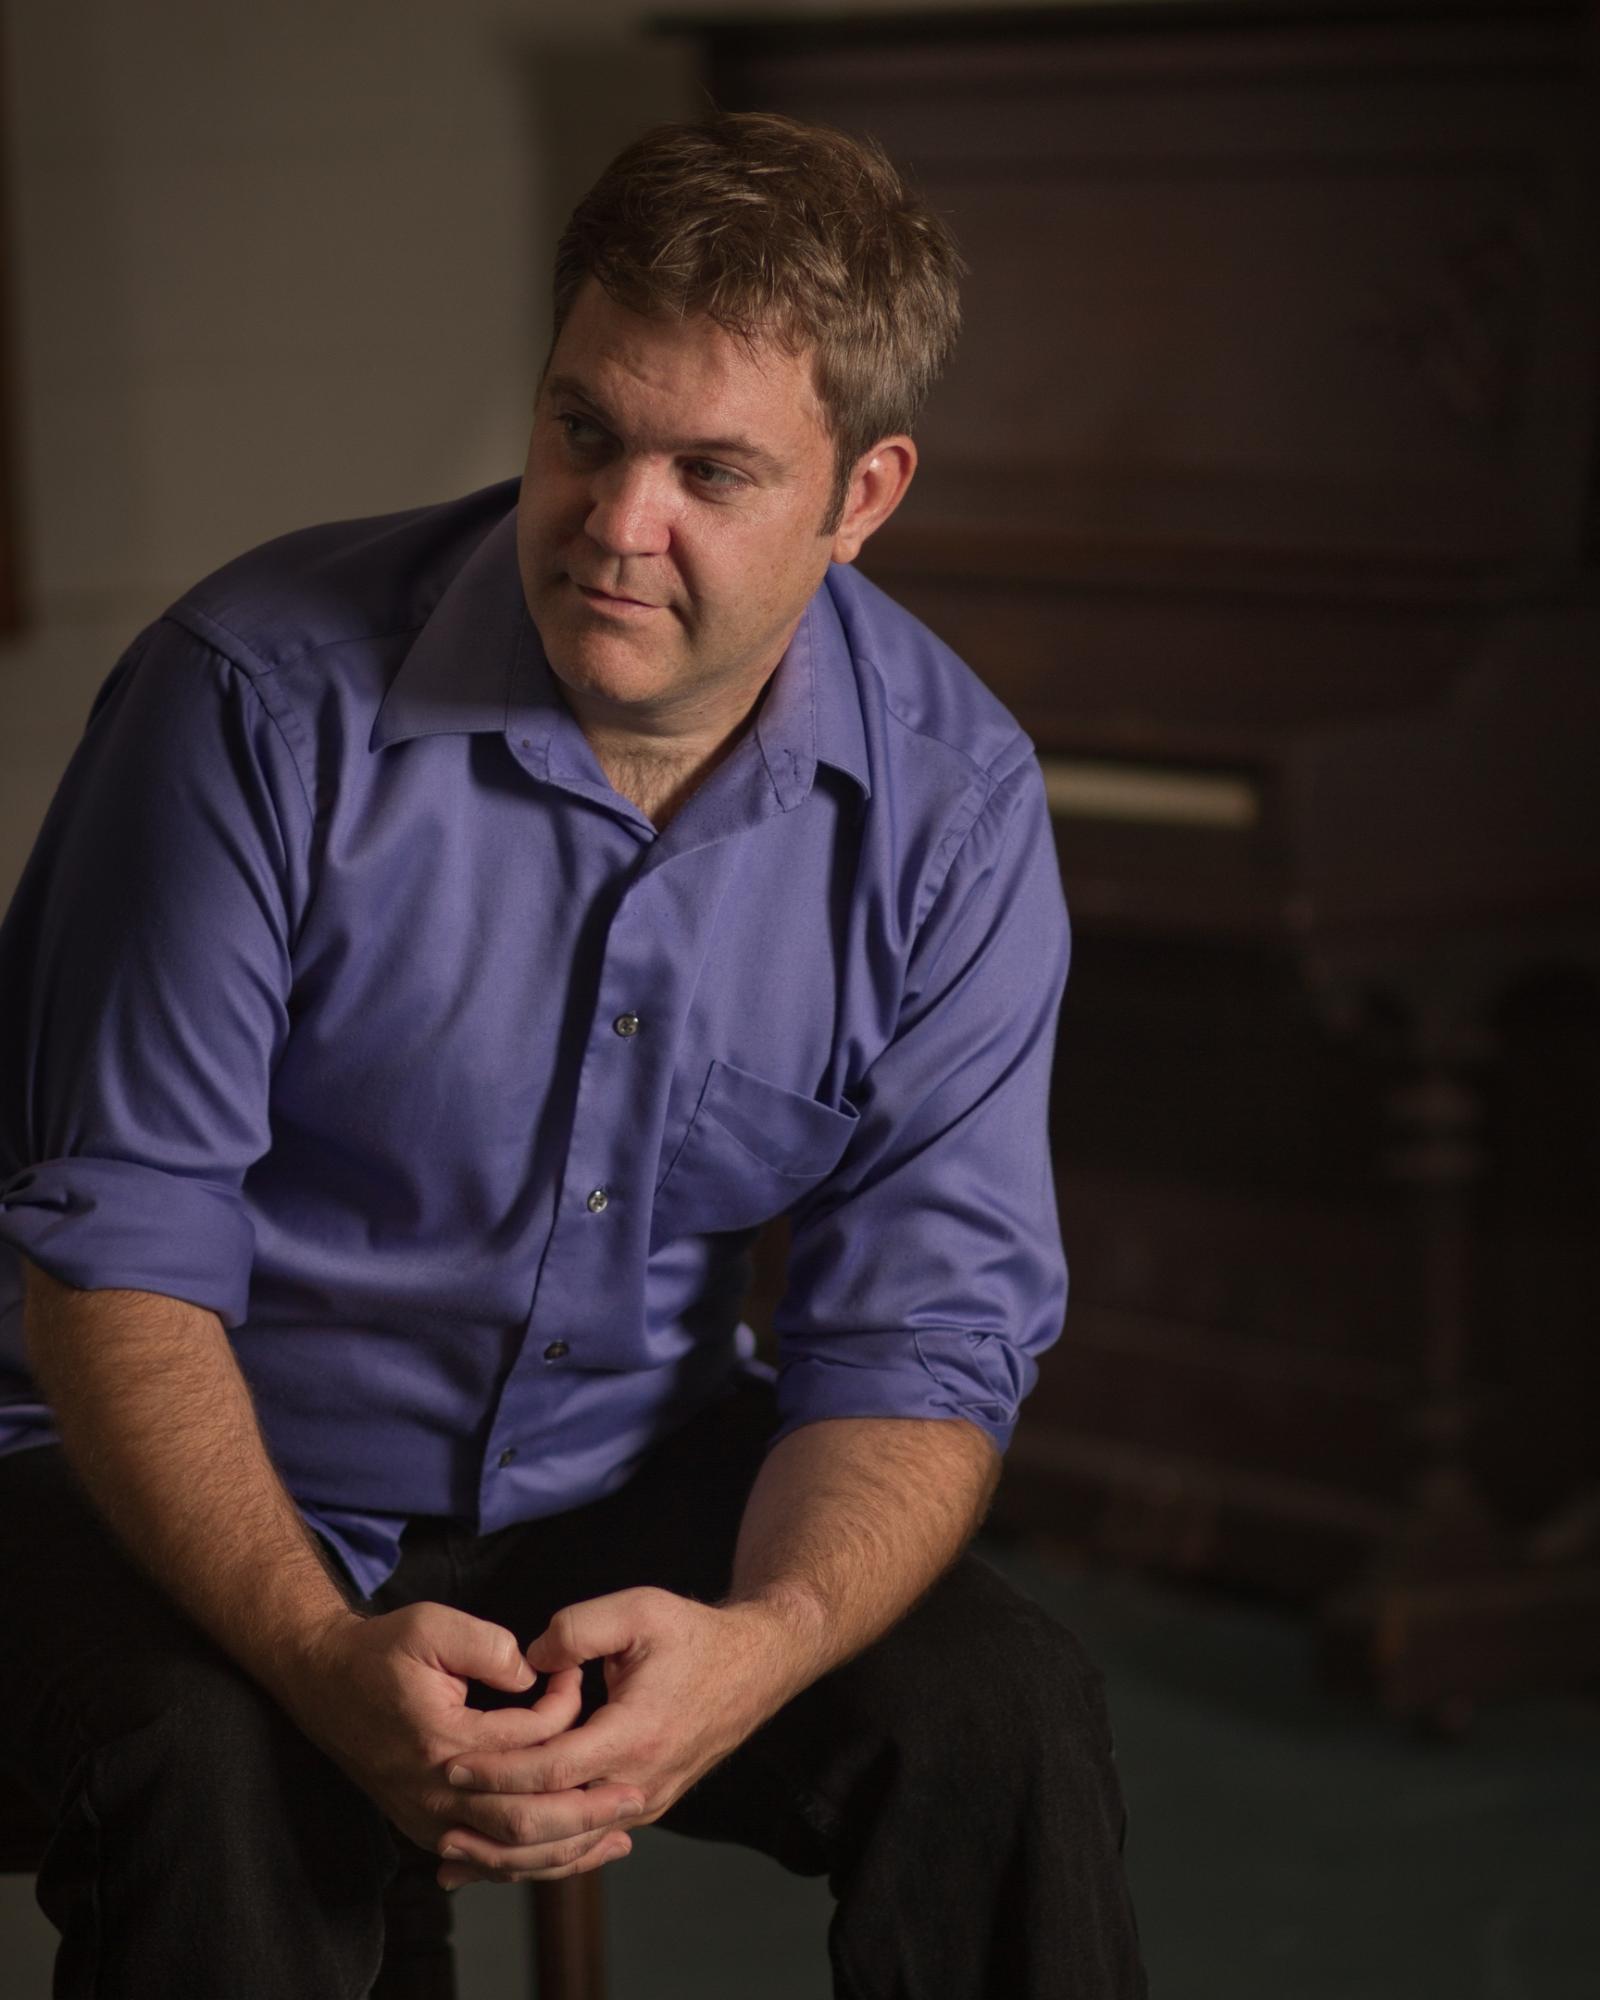 Dan Kennedy, Musician for Montague Retreat Center